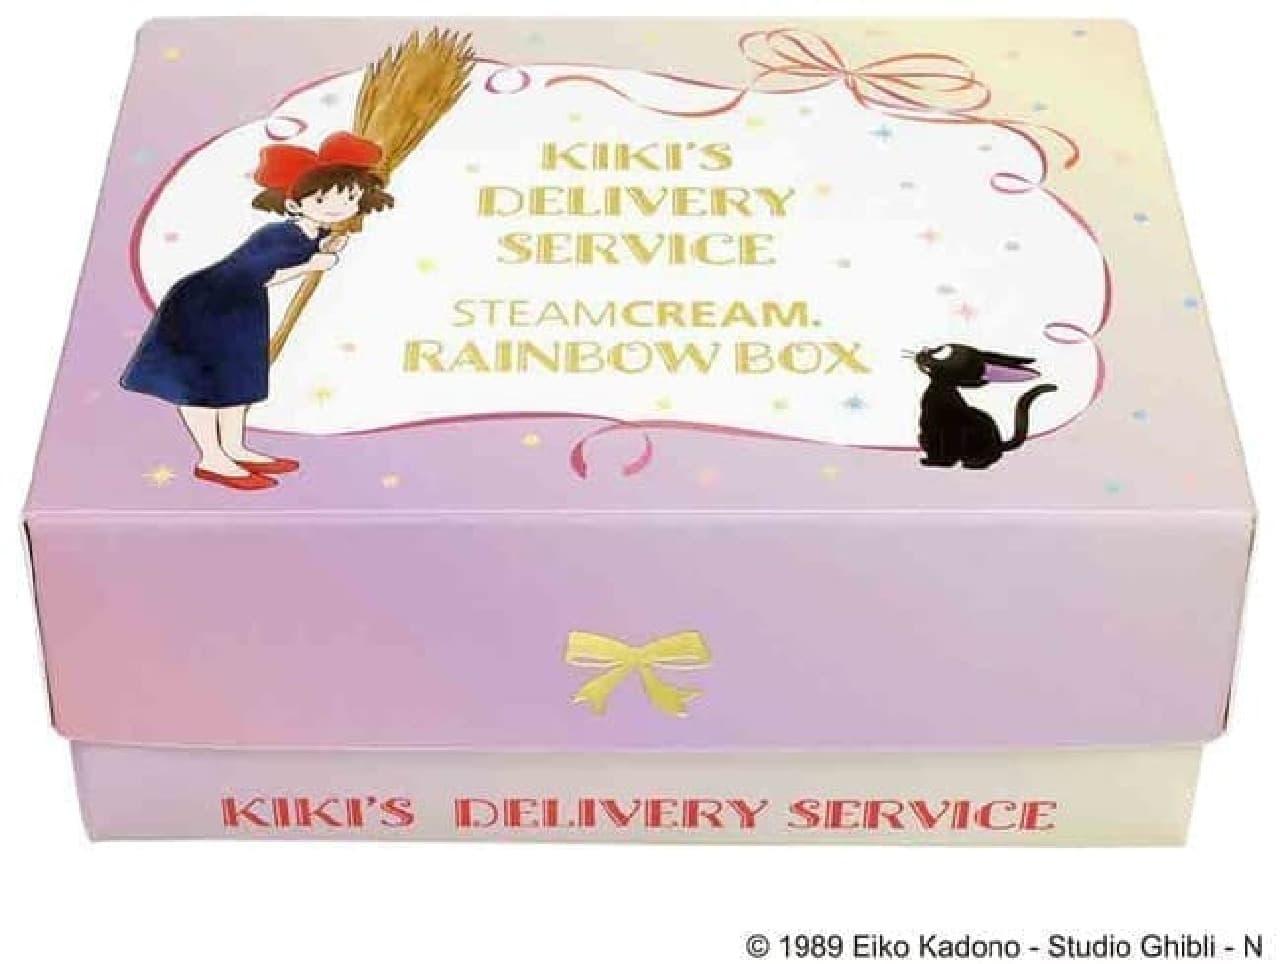 スチームクリーム「魔女の宅急便 RAINBOW BOX」